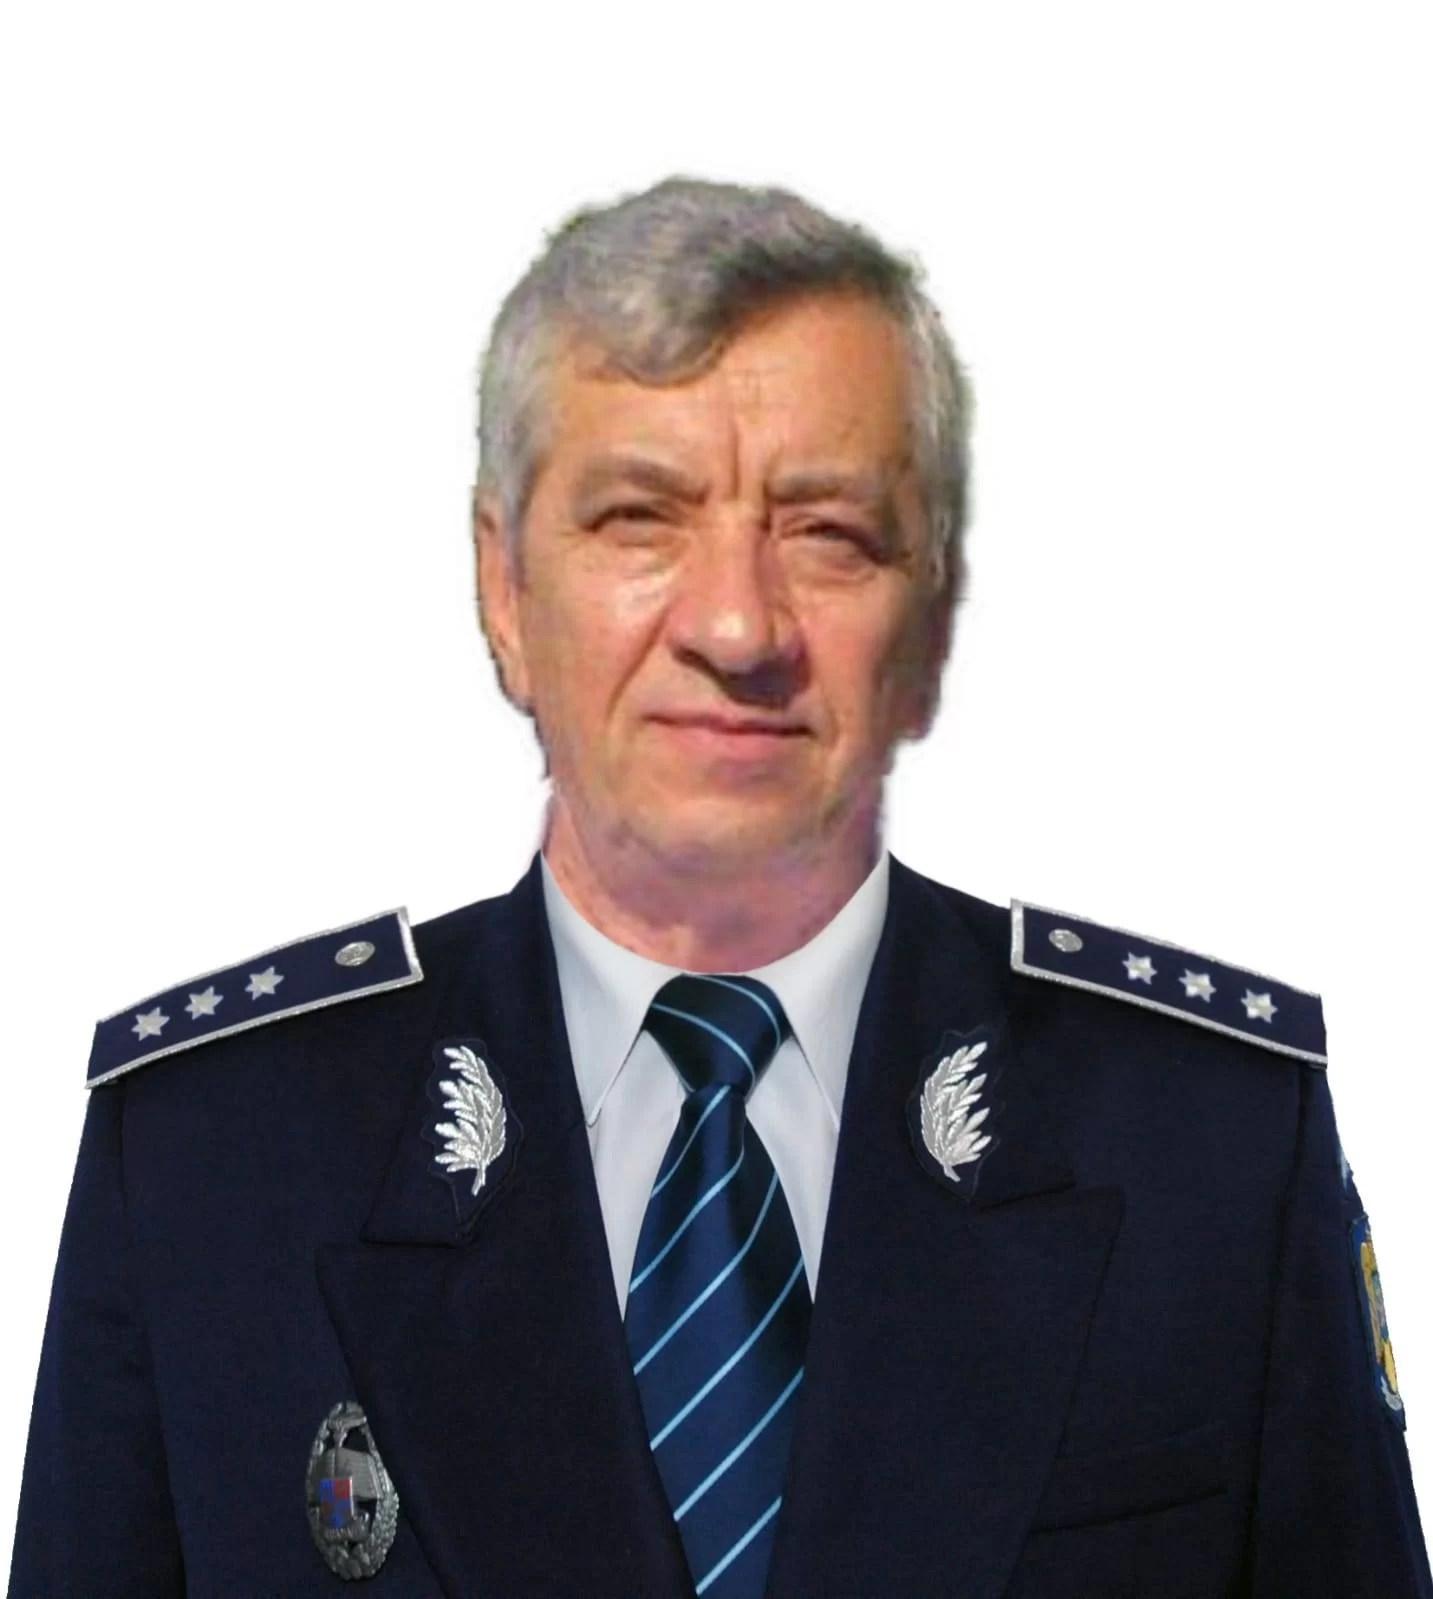 A murit colonel de poliţie (r) Mihai Baciu, fost şef al Secţiei 2 Poliţie Ploieşti